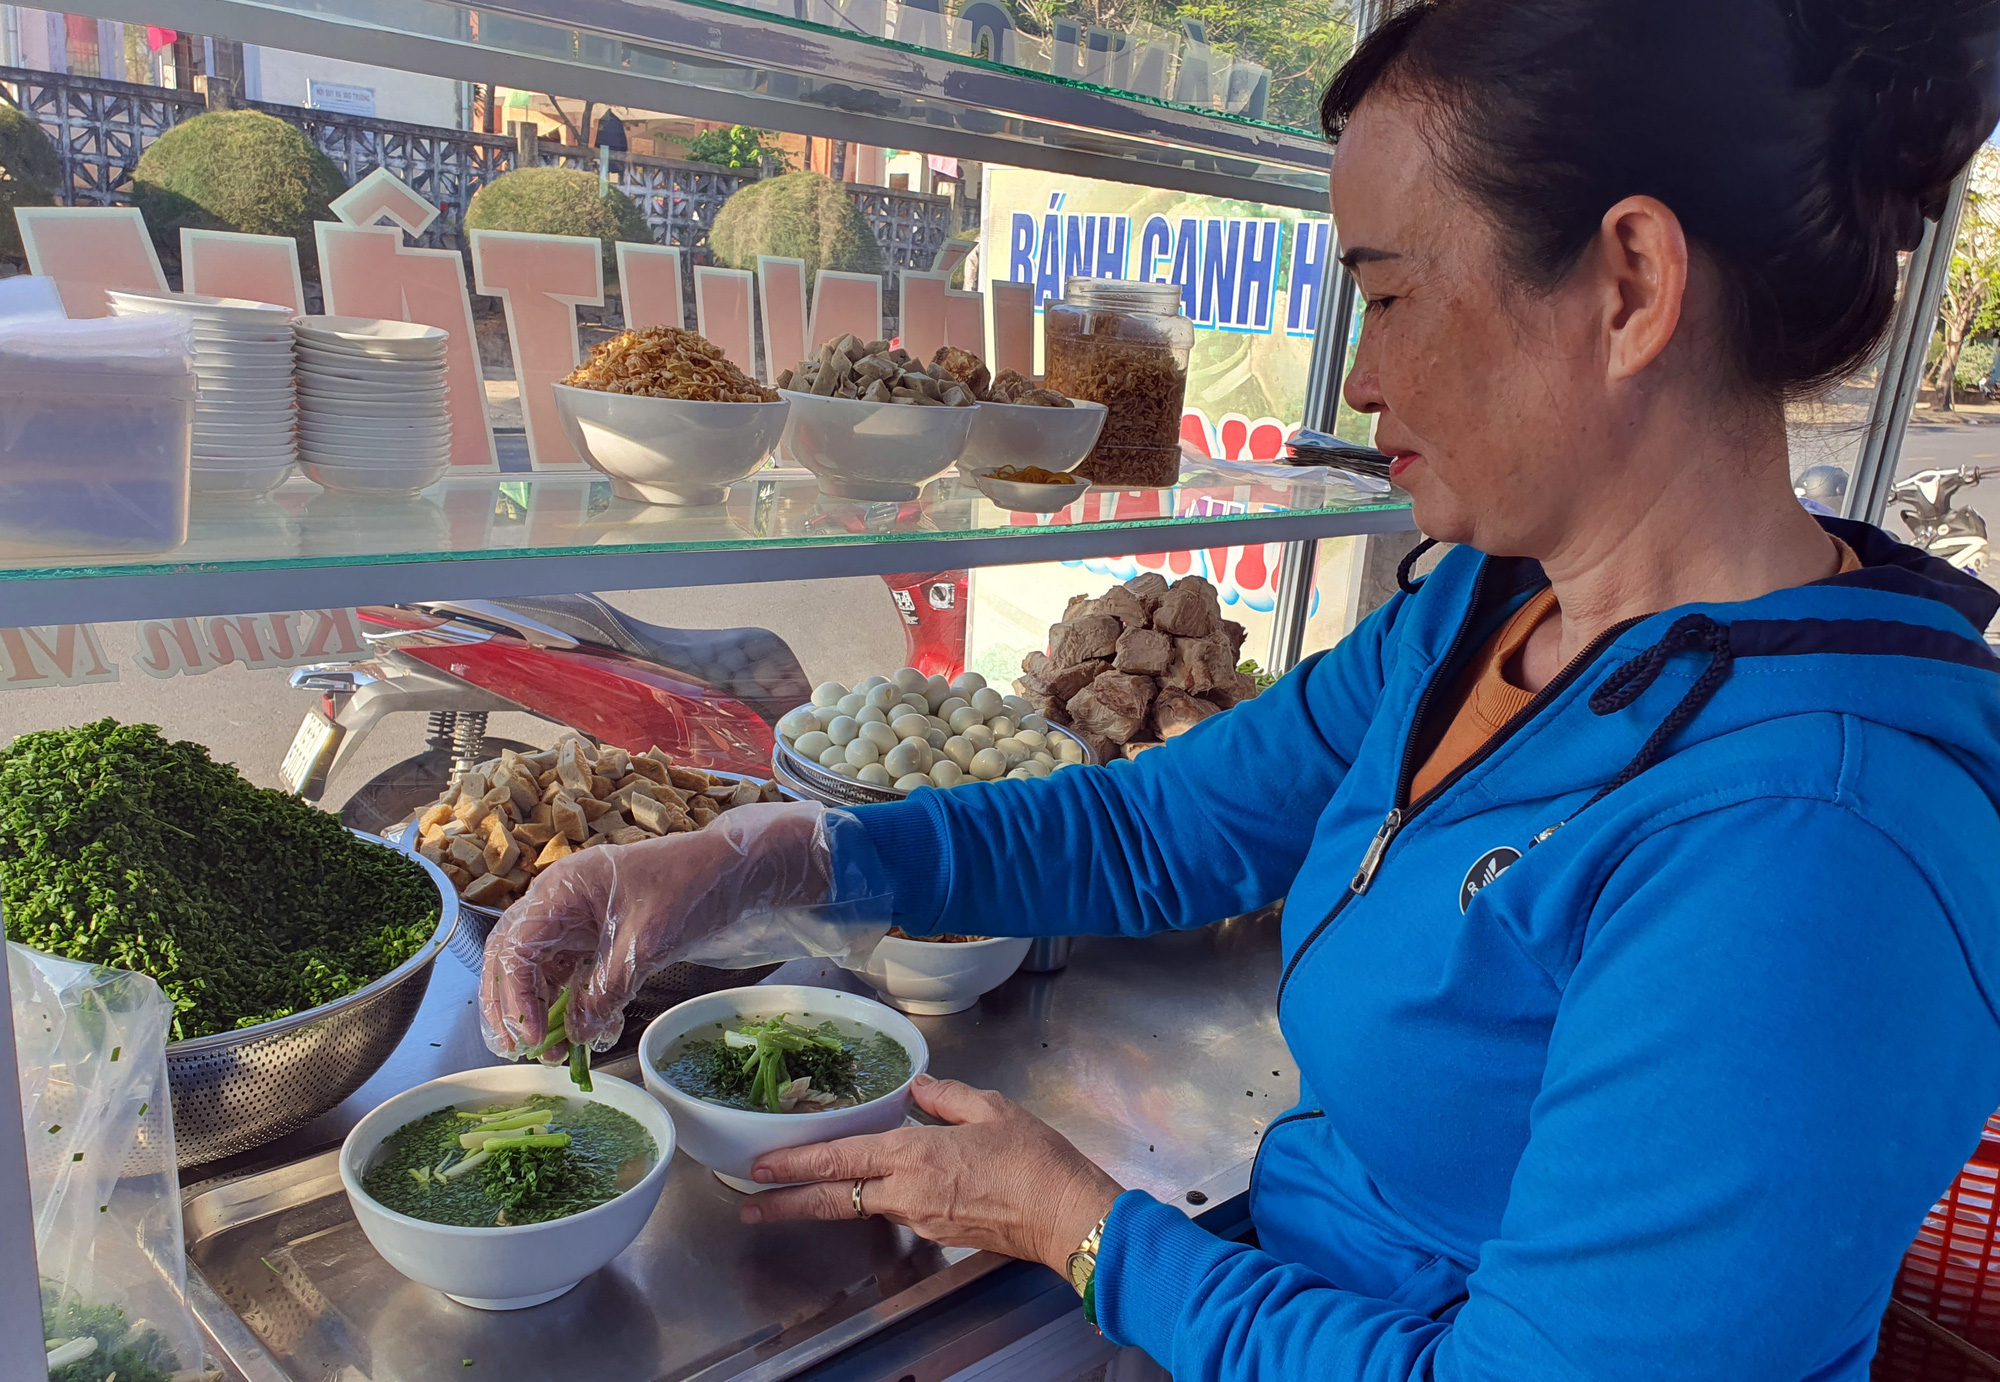 Món bánh canh ngon trứ danh ở Phú Yên, thực khách vừa ăn vừa xuýt xoa - Ảnh 2.